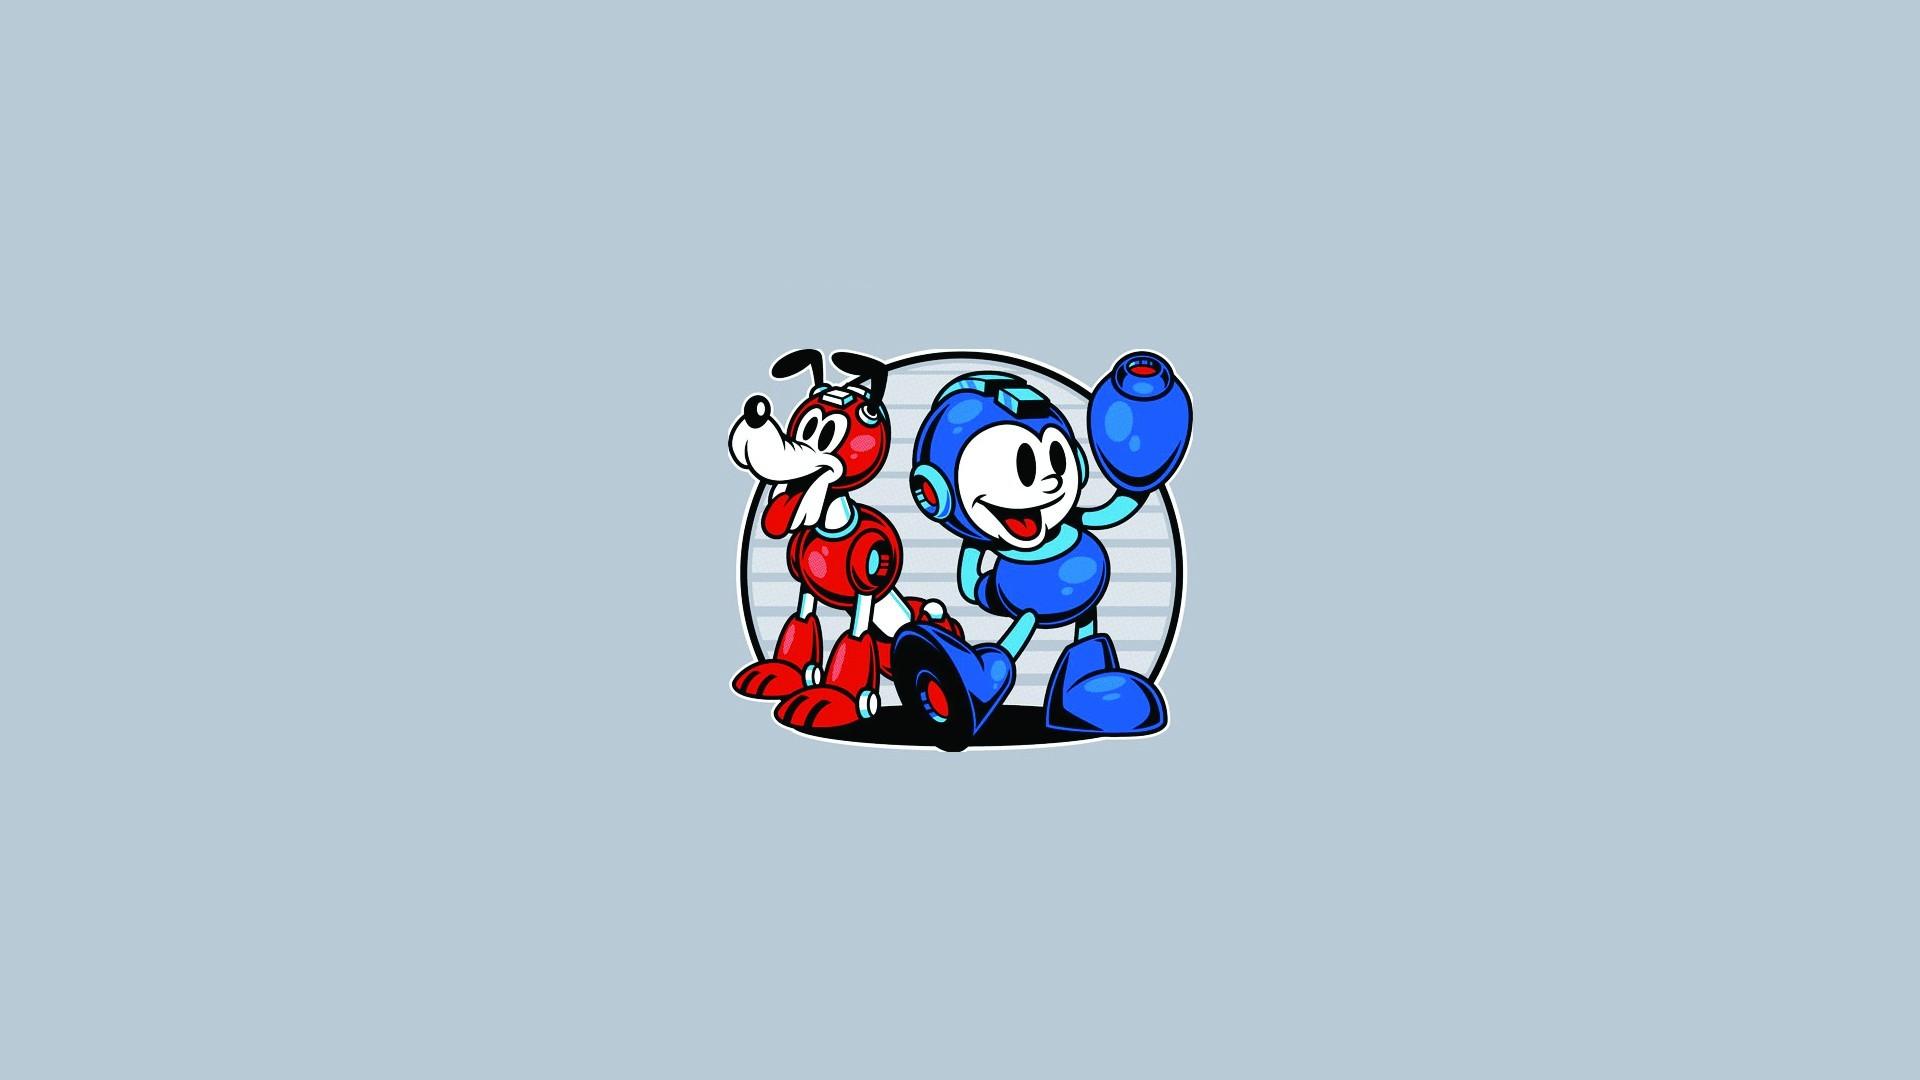 Megaman Wallpaper 1080p (66+ Images